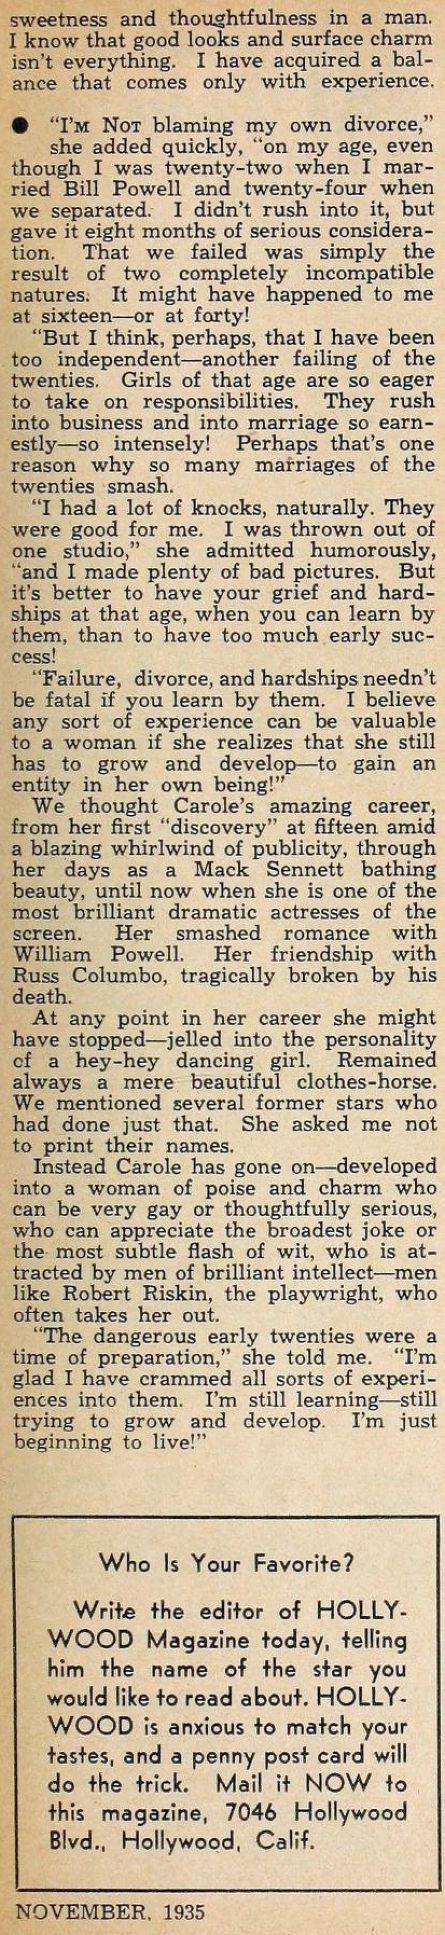 carole lombard hollywood november 1935ca